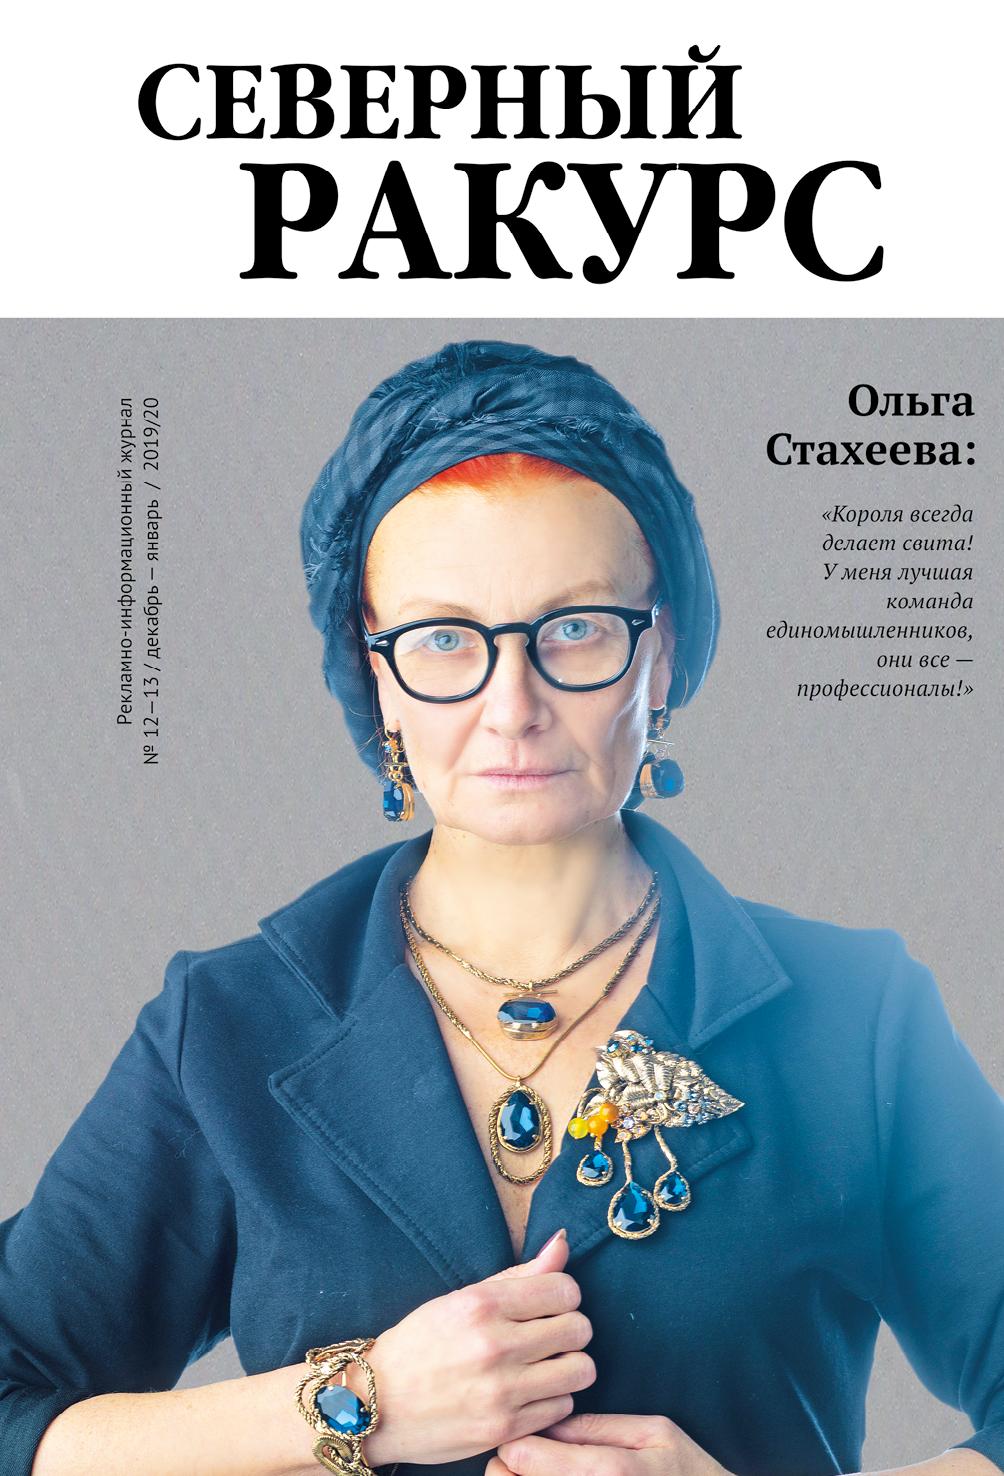 Журнал Северный ракурс декабрь 2019